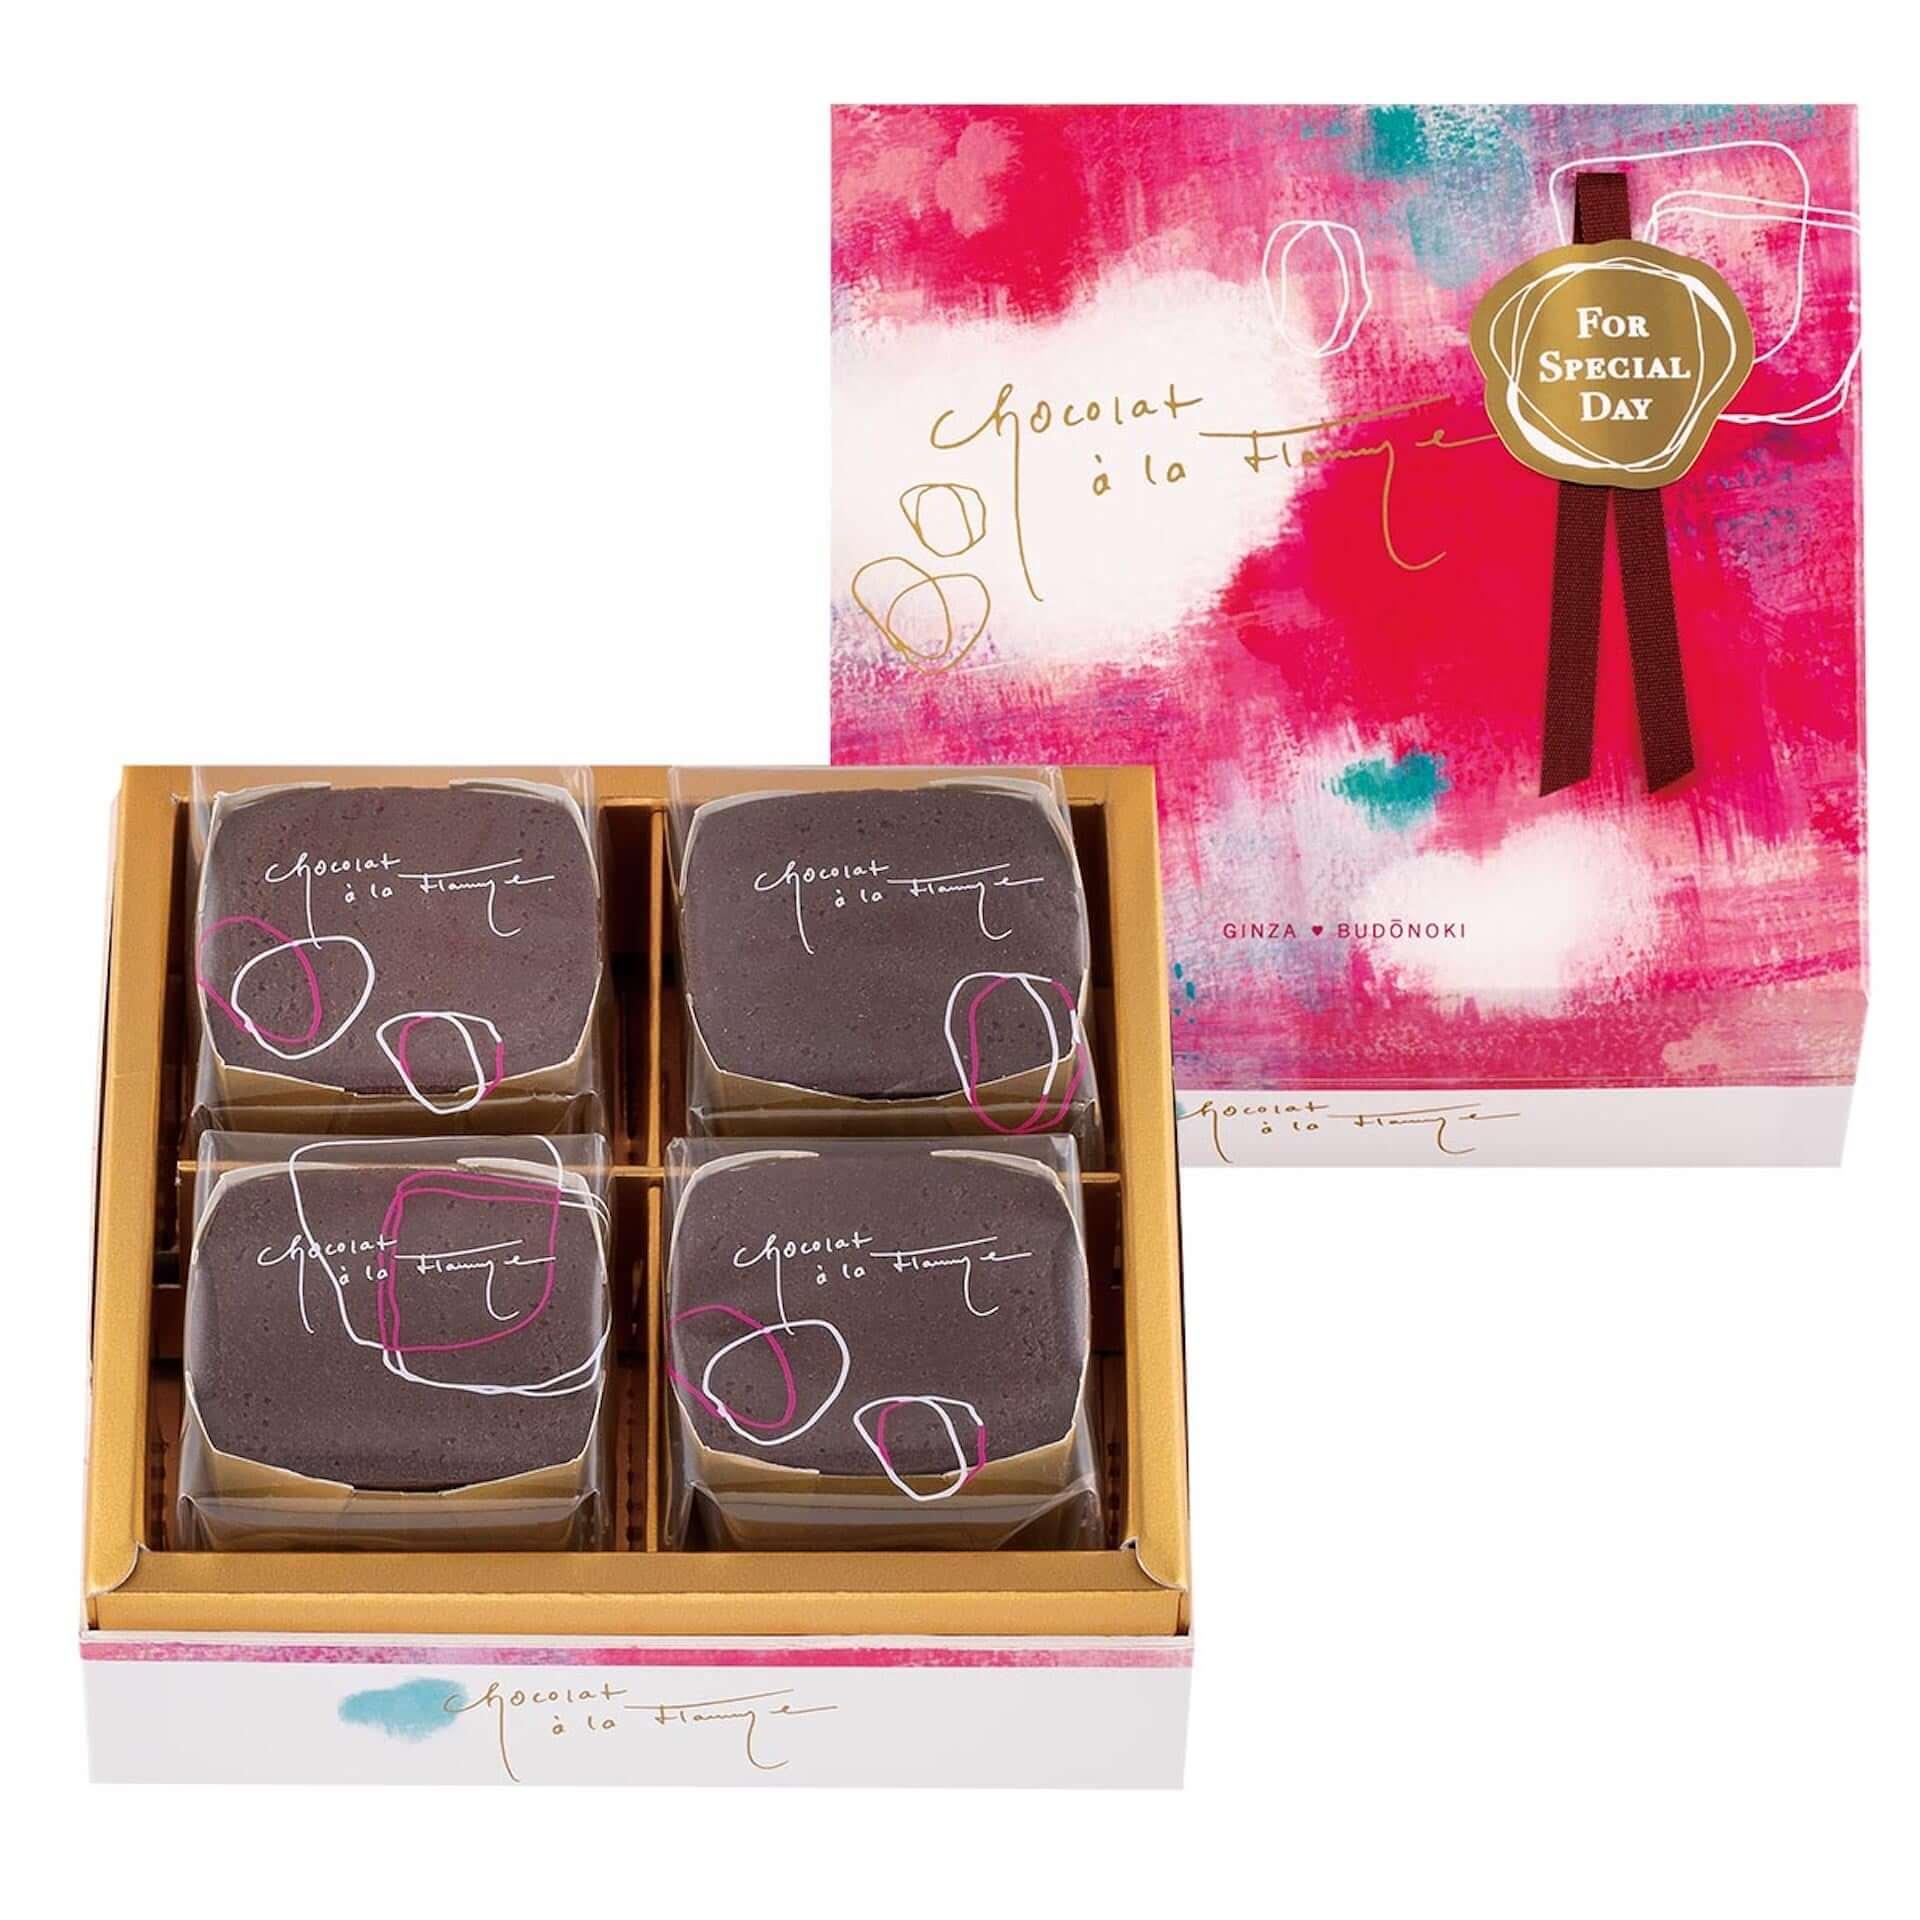 バレンタインの期間限定!600万個以上販売されている「銀のぶどう」の定番商品『炎のチョコレート』が今年も登場 gourmet210107_ginnobudo_6-1920x1920